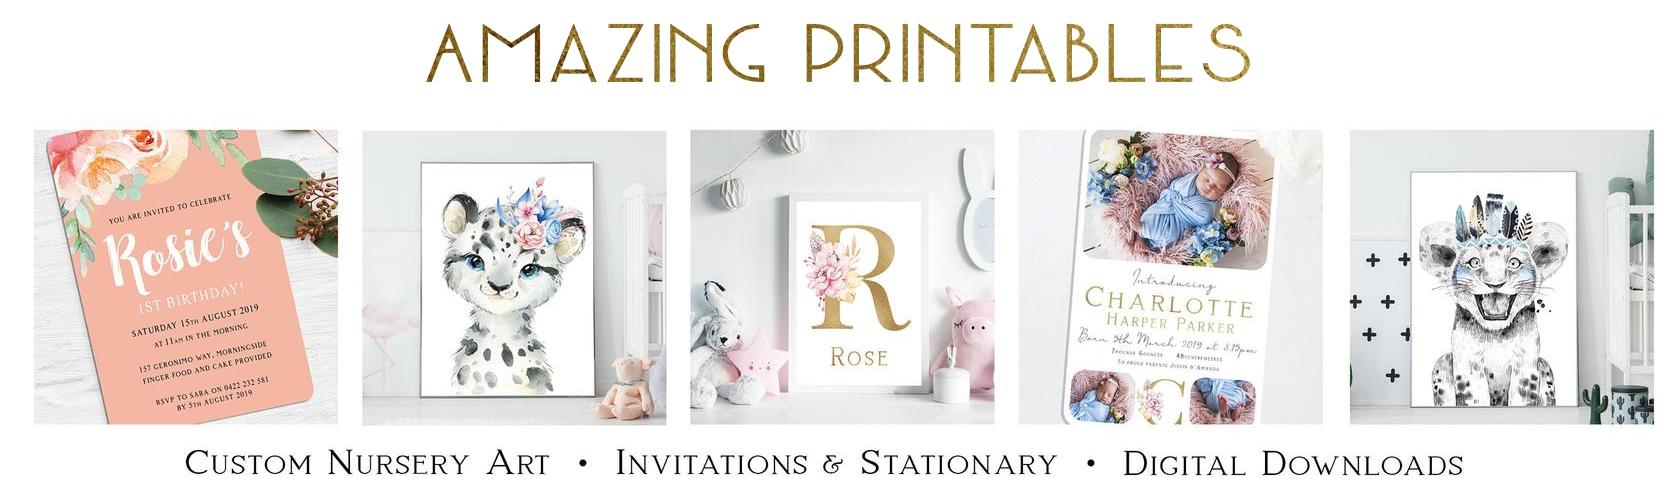 Amazing Printables